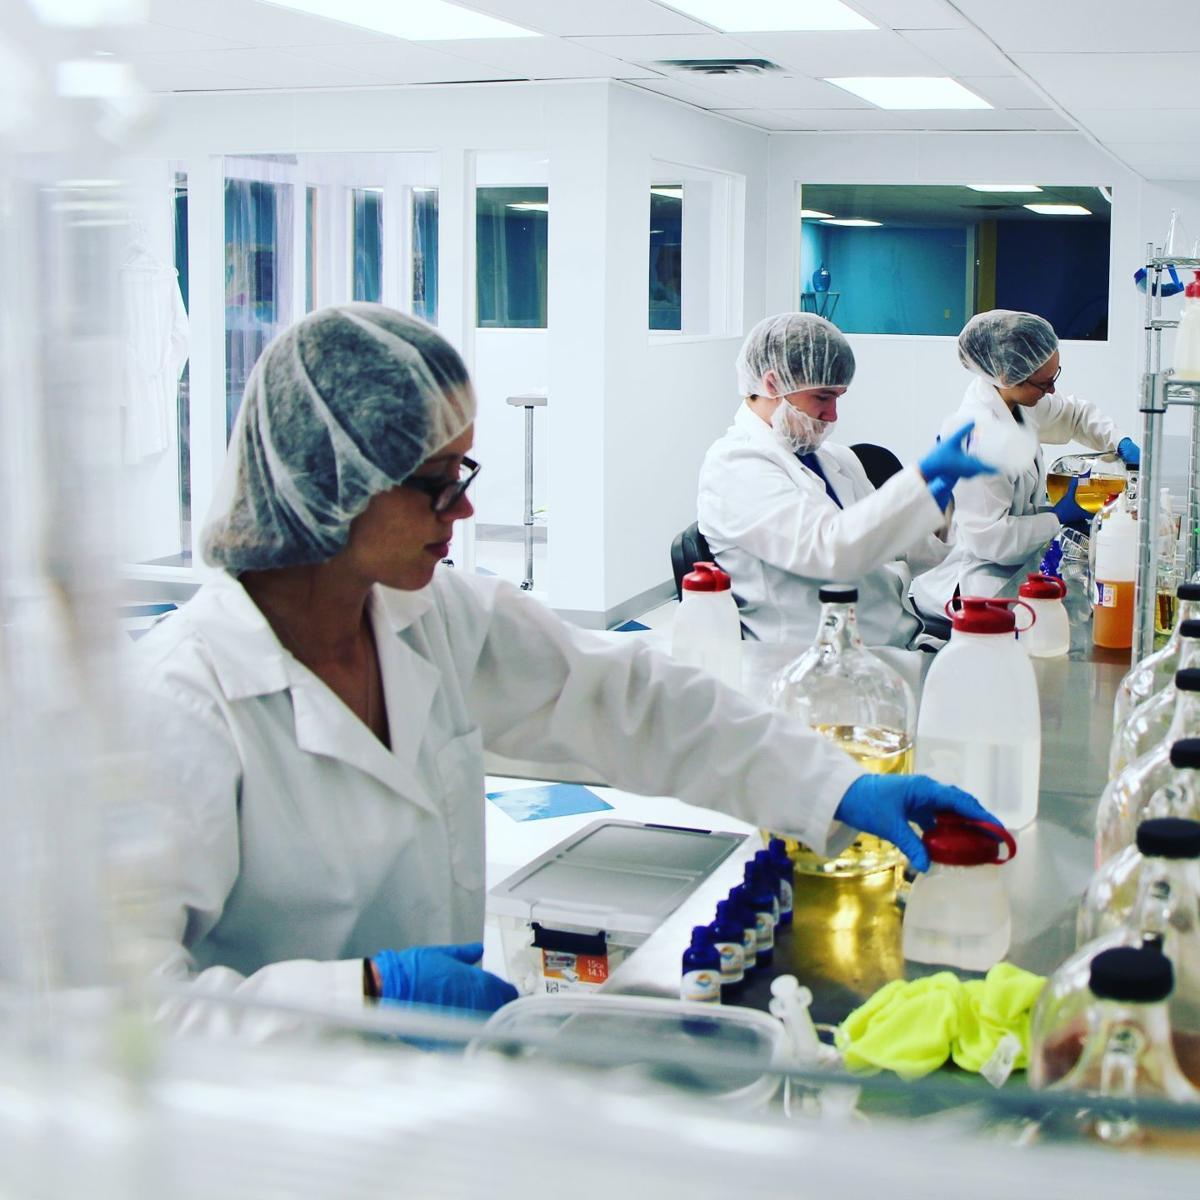 Vandalia Mist lab